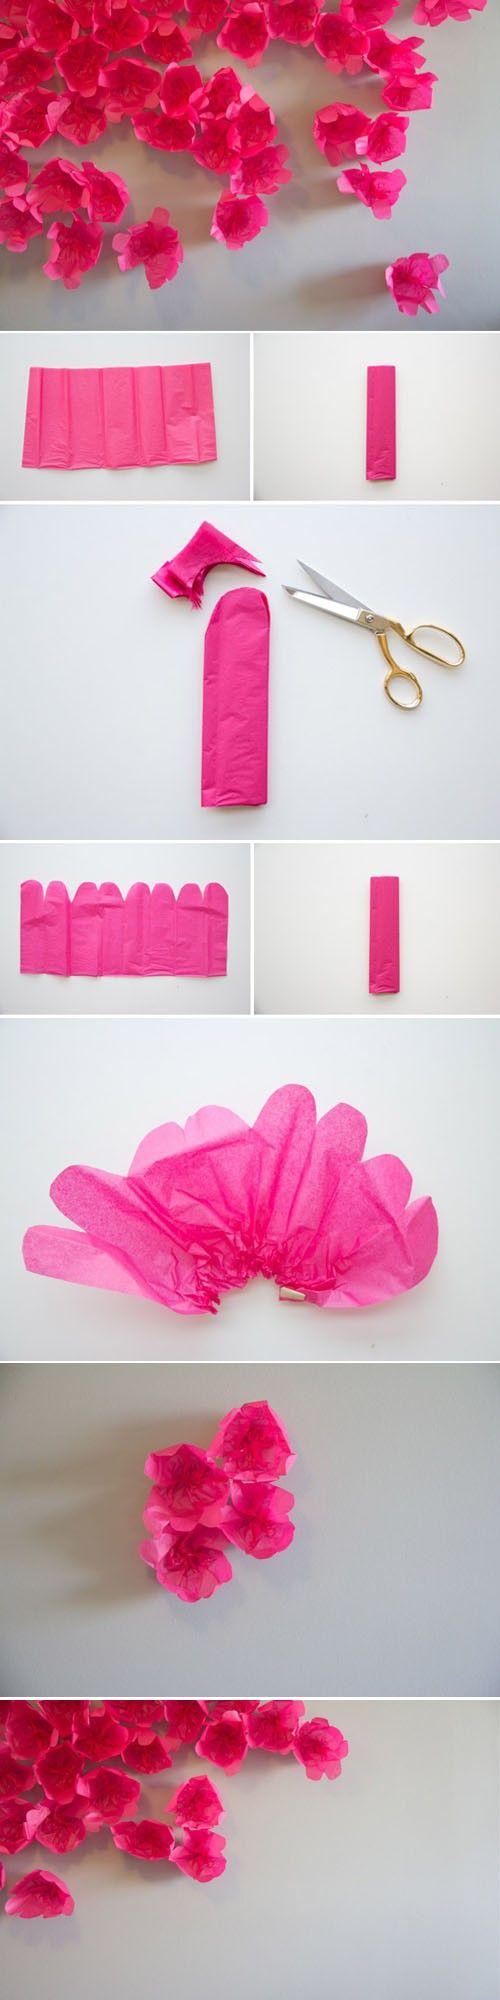 Llena de flores y creatividad tu hogar #HazloTuMismo